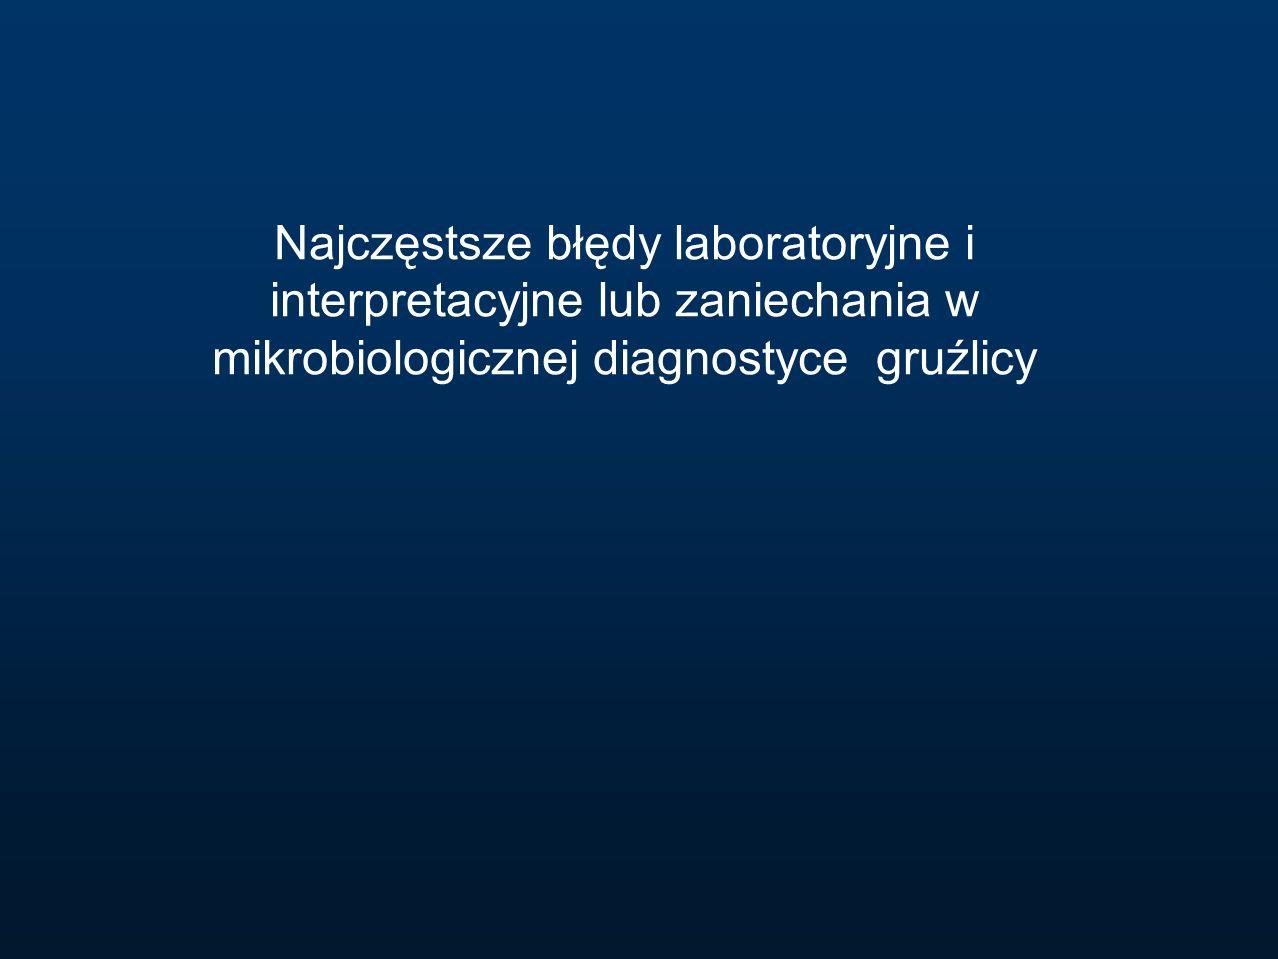 Najczęstsze błędy laboratoryjne i interpretacyjne lub zaniechania w mikrobiologicznej diagnostyce gruźlicy